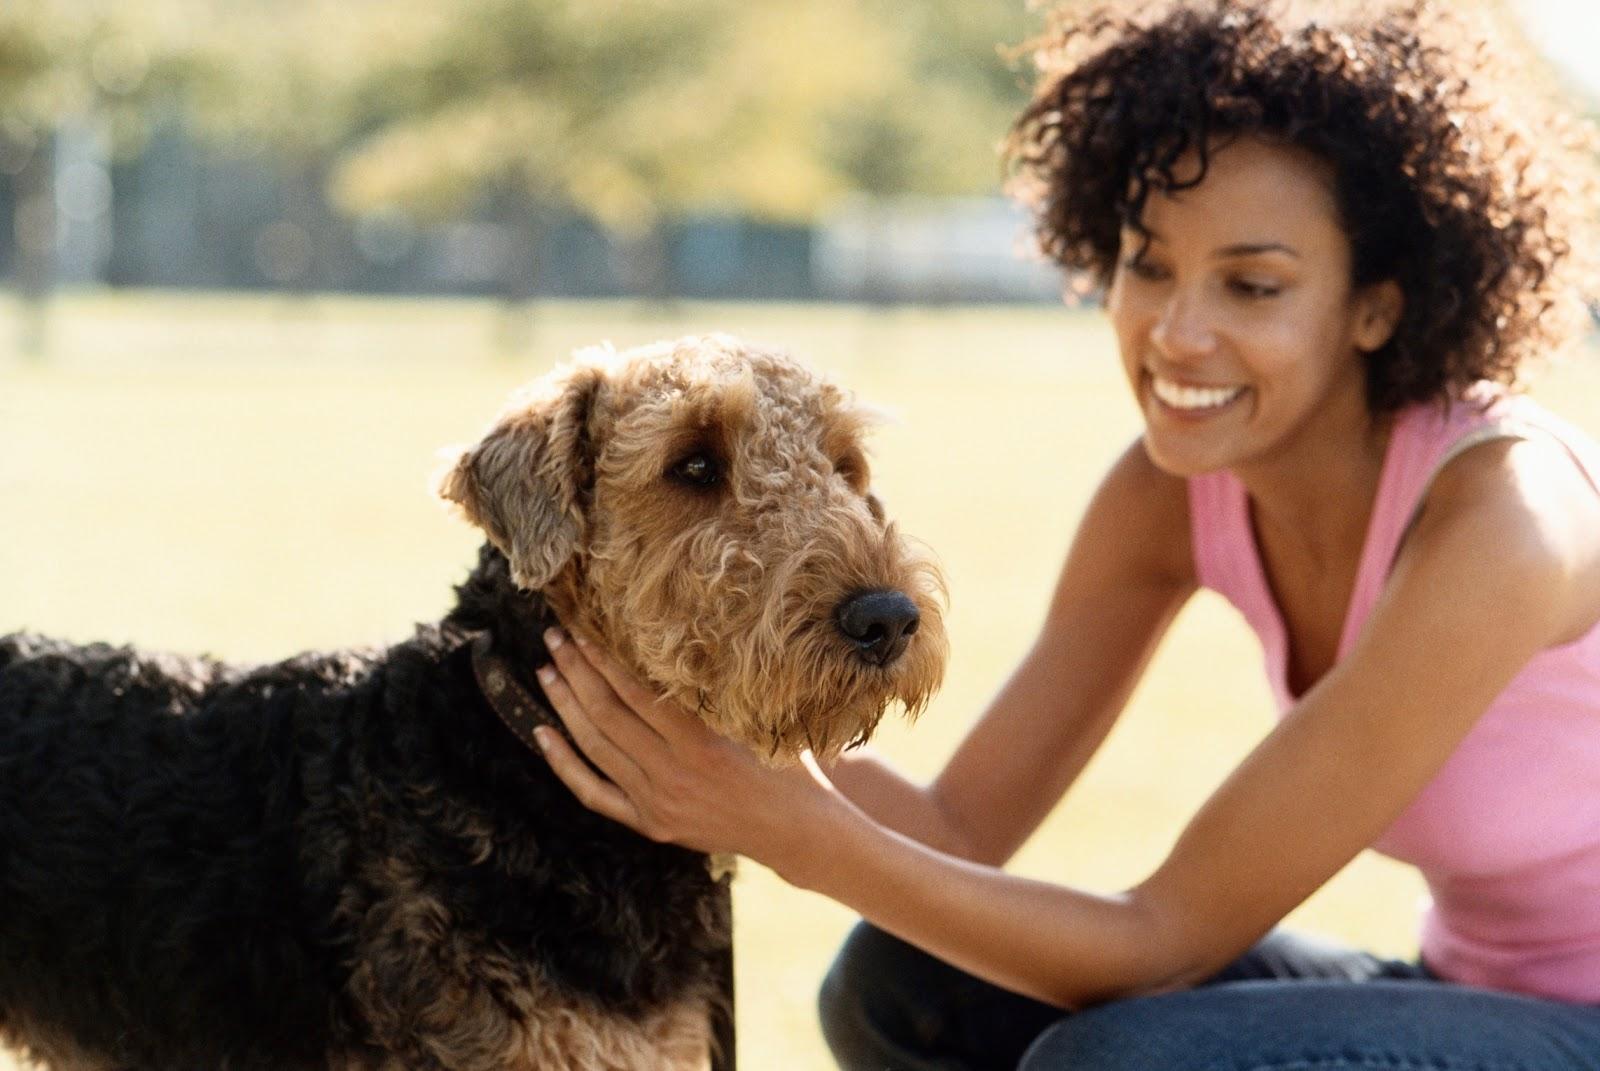 Passear com o cachorro aumenta as chances de arrumar uma namorada, diz